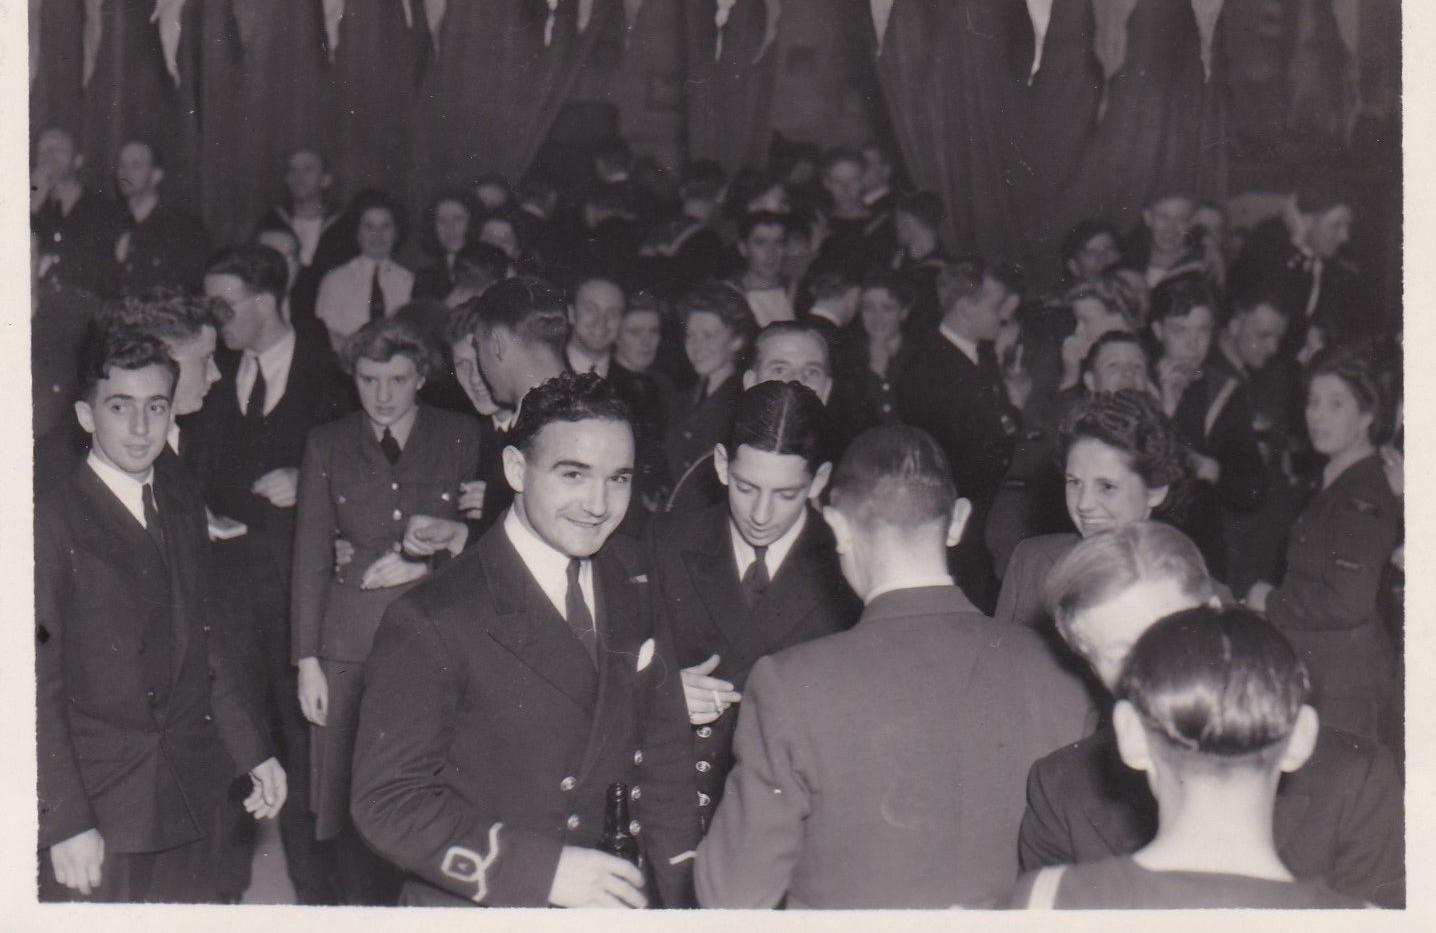 WW2 gathering with men & women in uniform